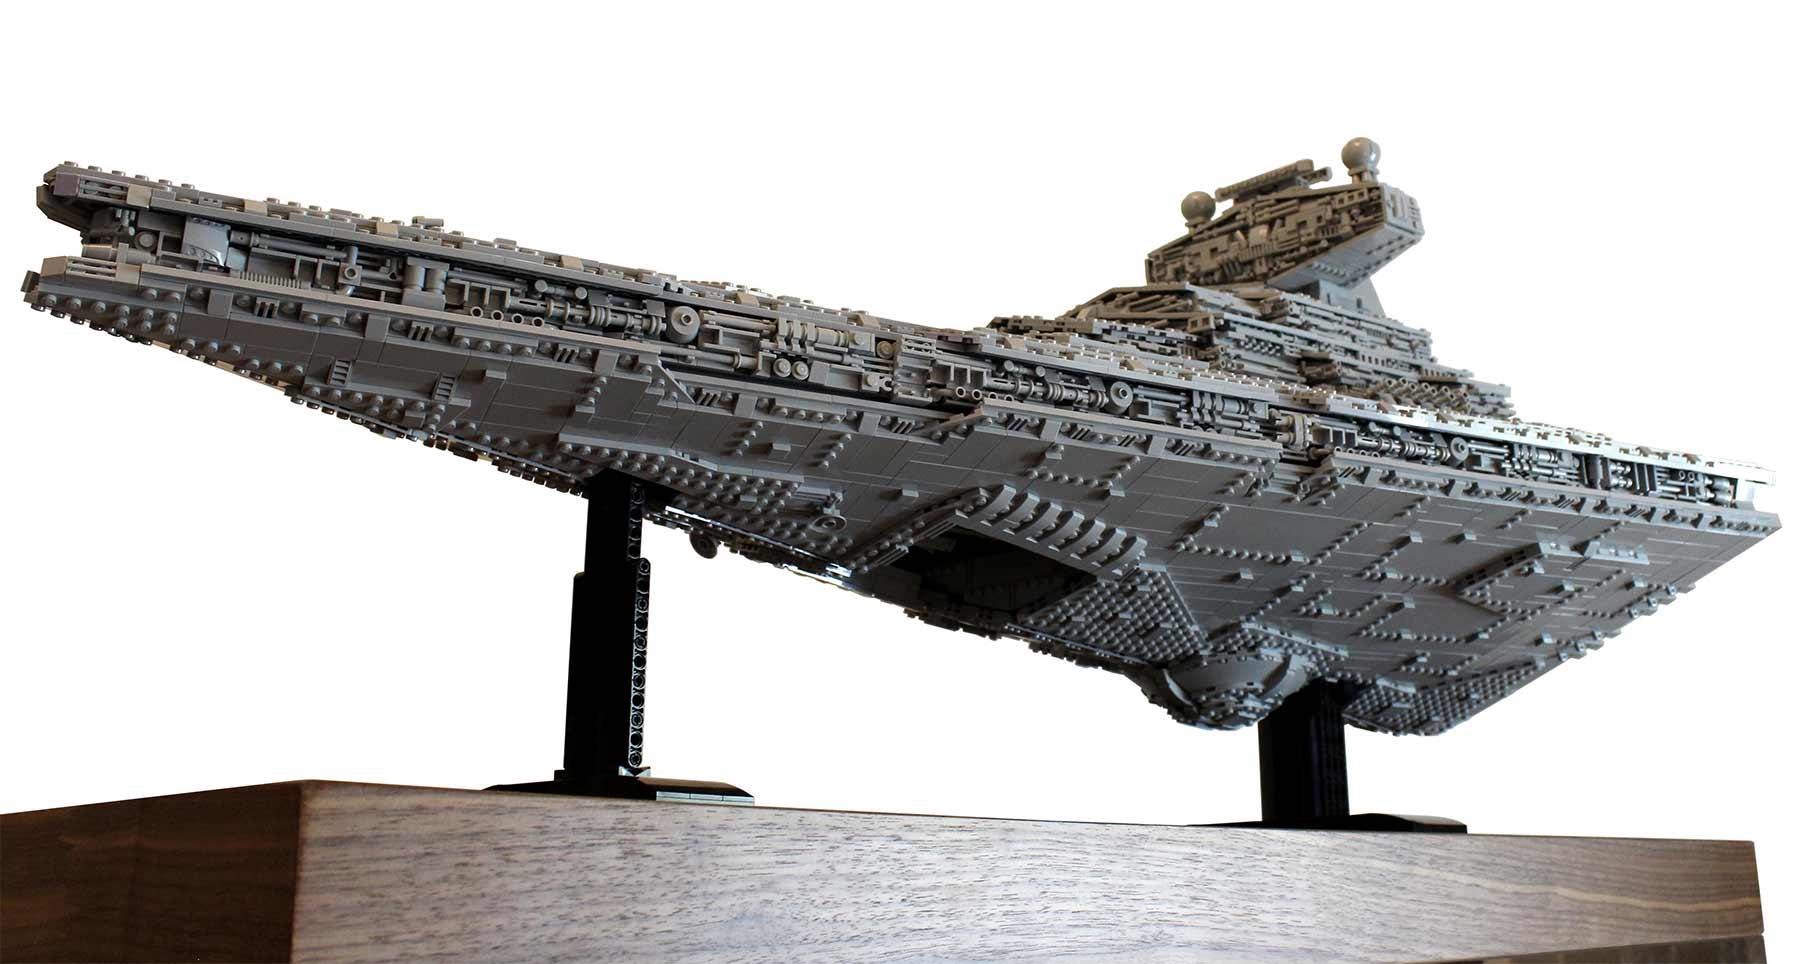 Gigantischer Sternzerstörer aus LEGO lego-sternzerstoerer-star-wars-riesig_04